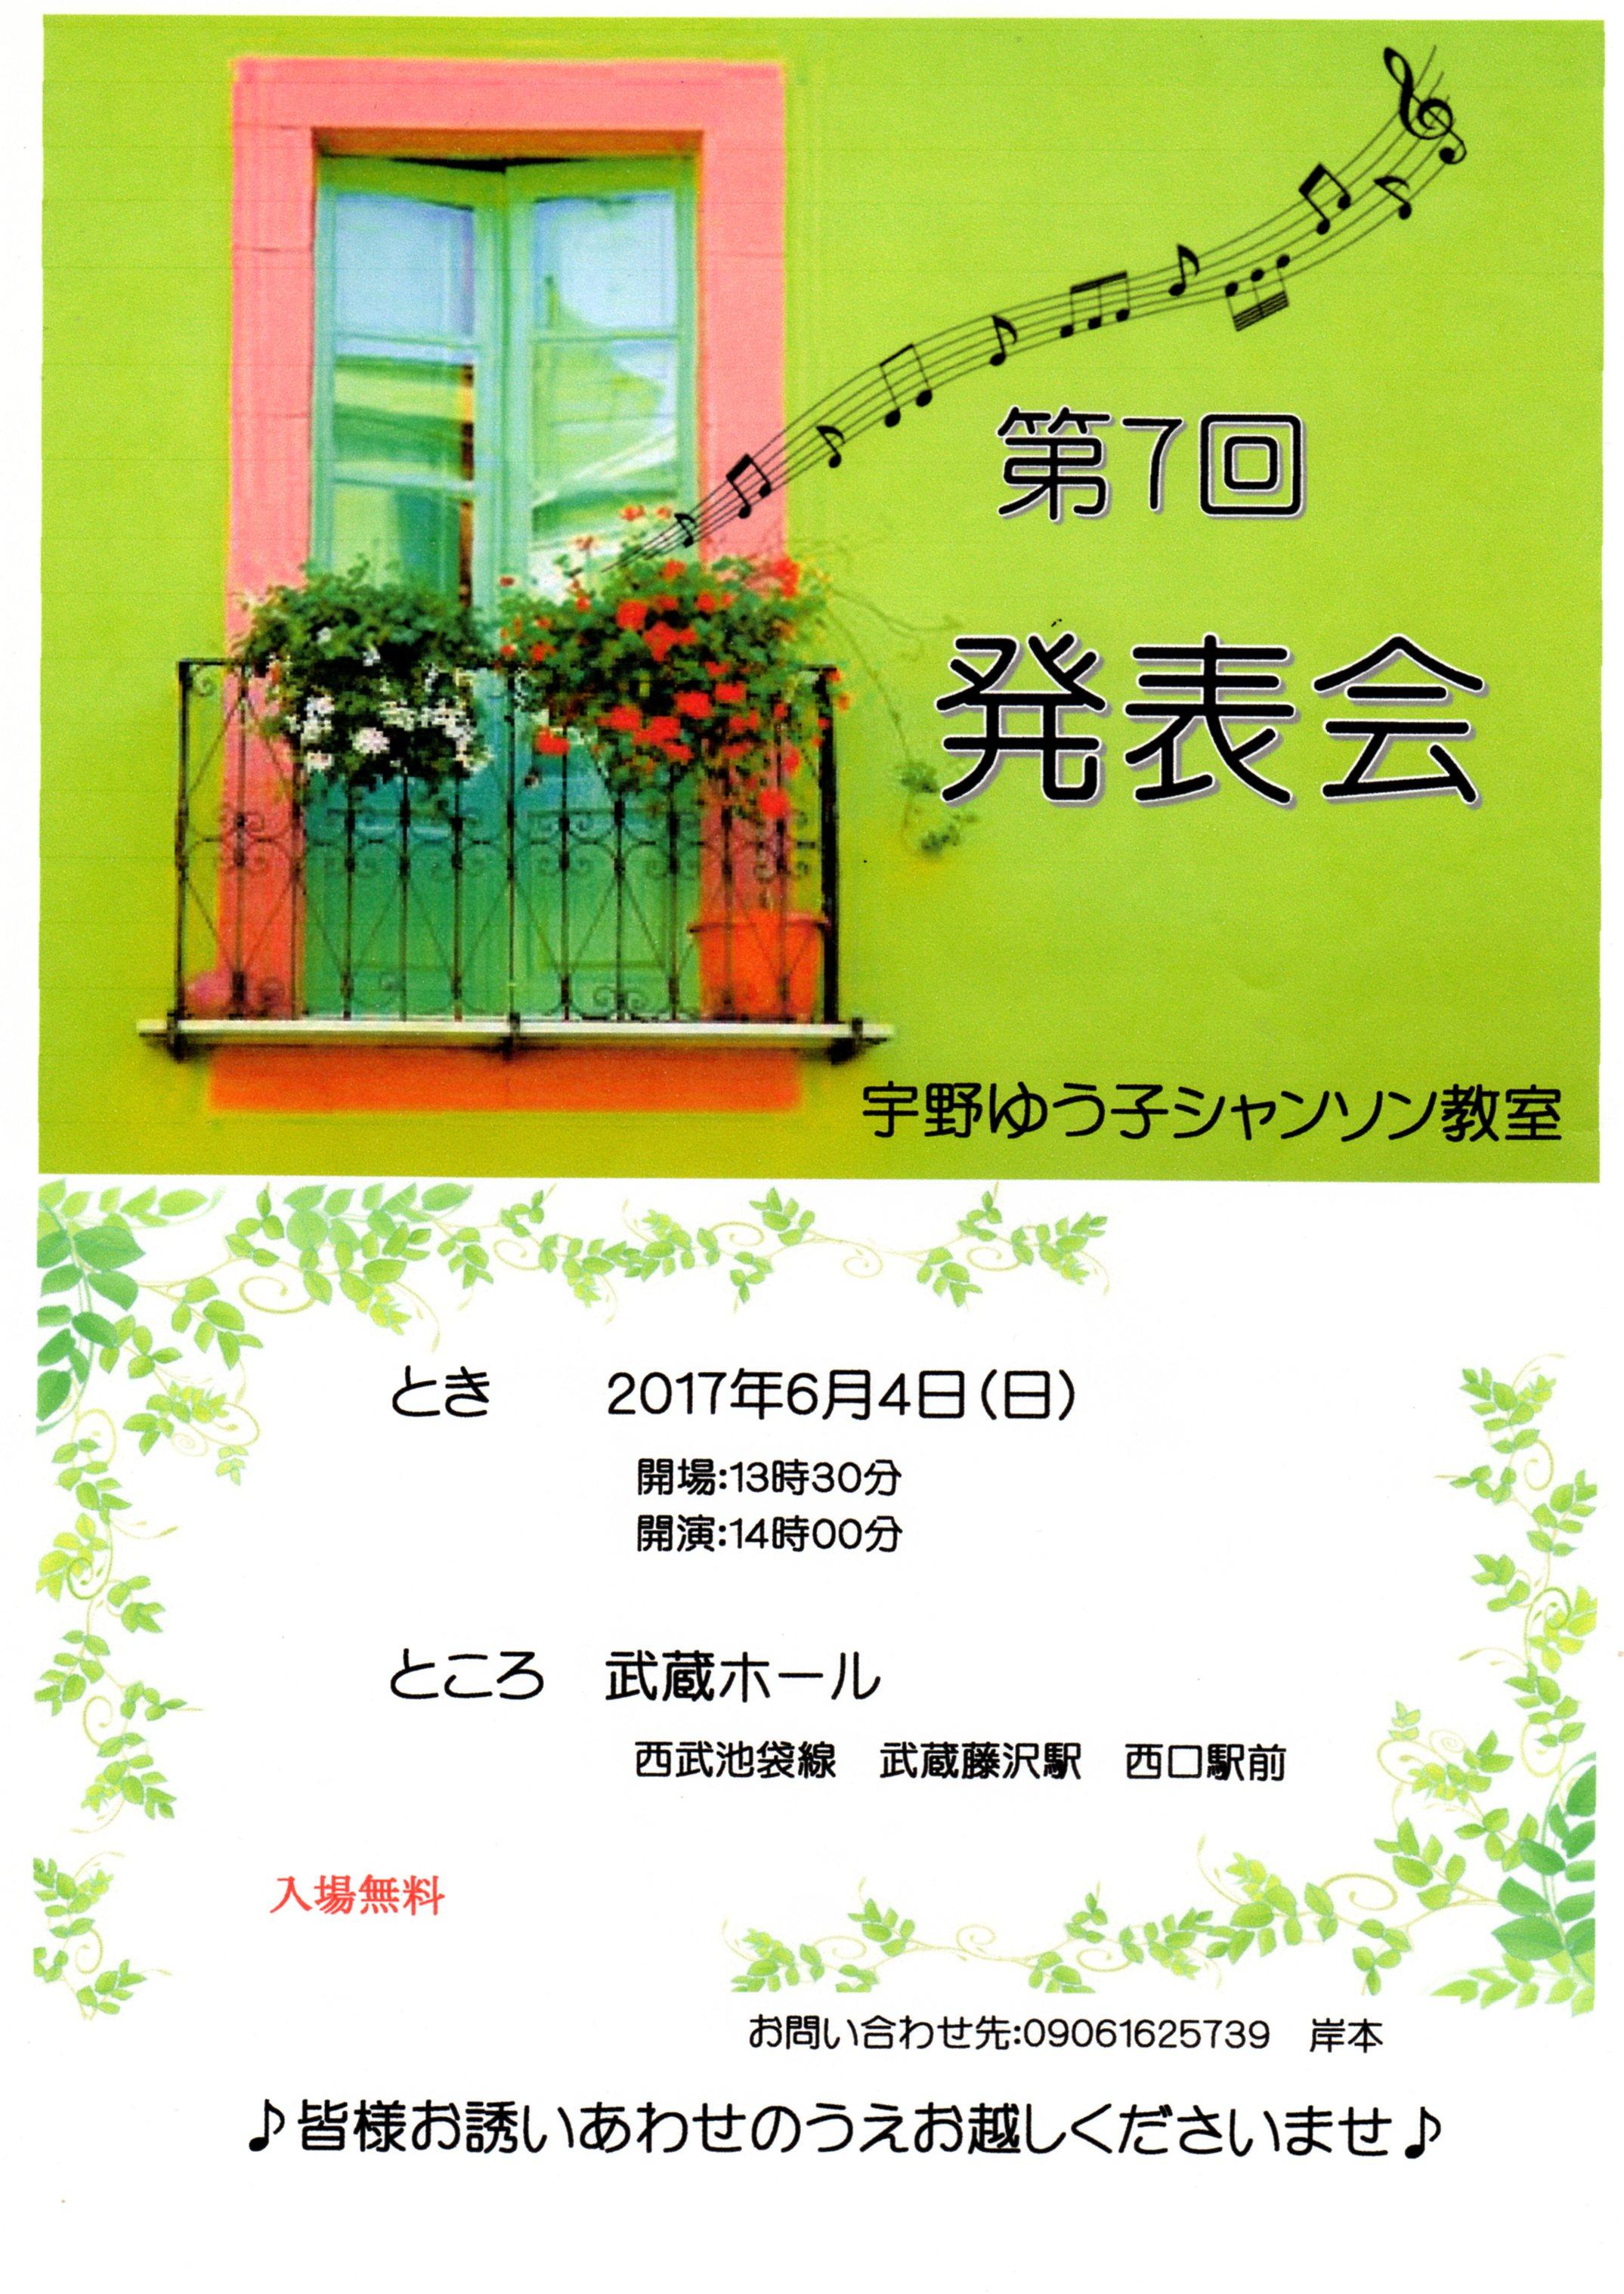 http://unoyuko.com/blog/chanson/img078.jpg